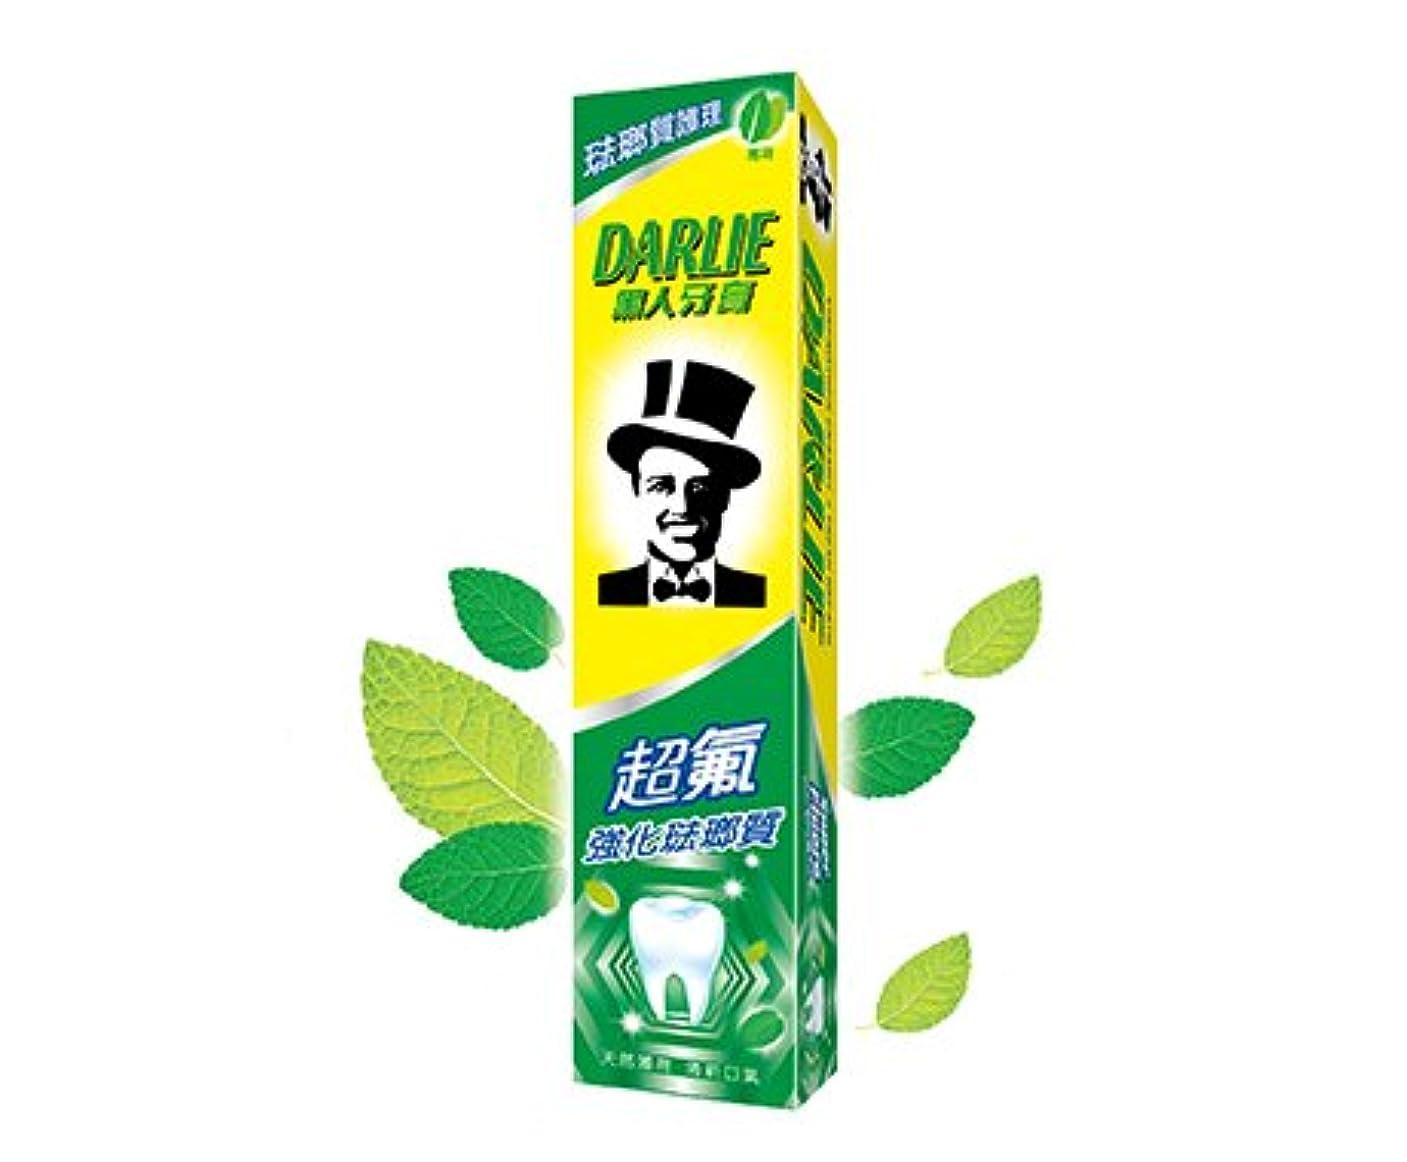 交差点メアリアンジョーンズアグネスグレイ黒人 歯磨き粉 DARLIE 黑人牙膏 黑人超氟強化琺瑯質牙膏 50g [並行輸入品]